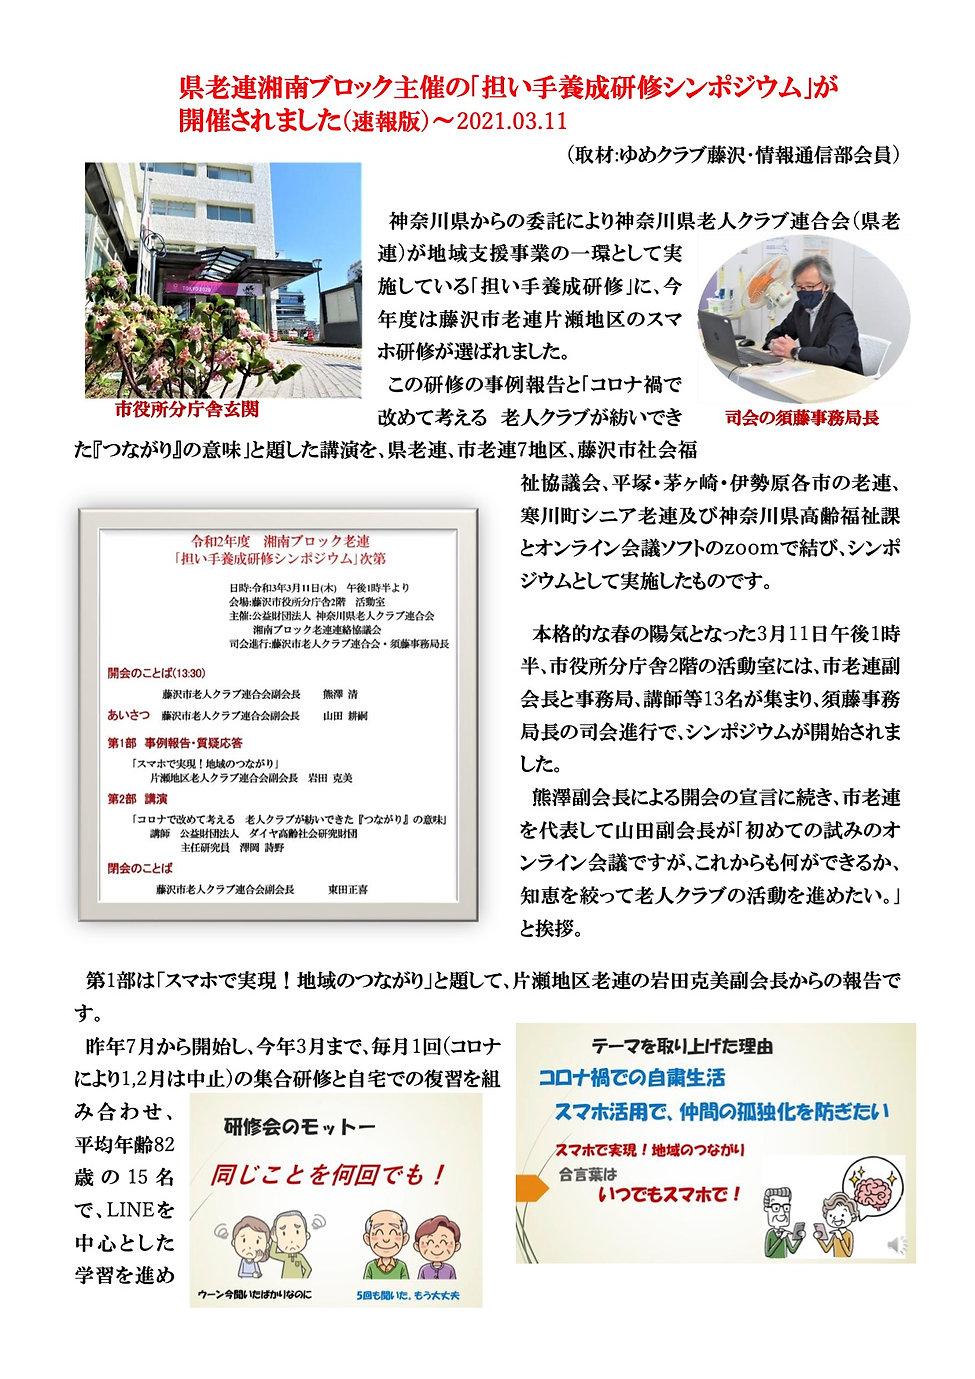 湘南Bシンポ記事-QR付き1.jpg